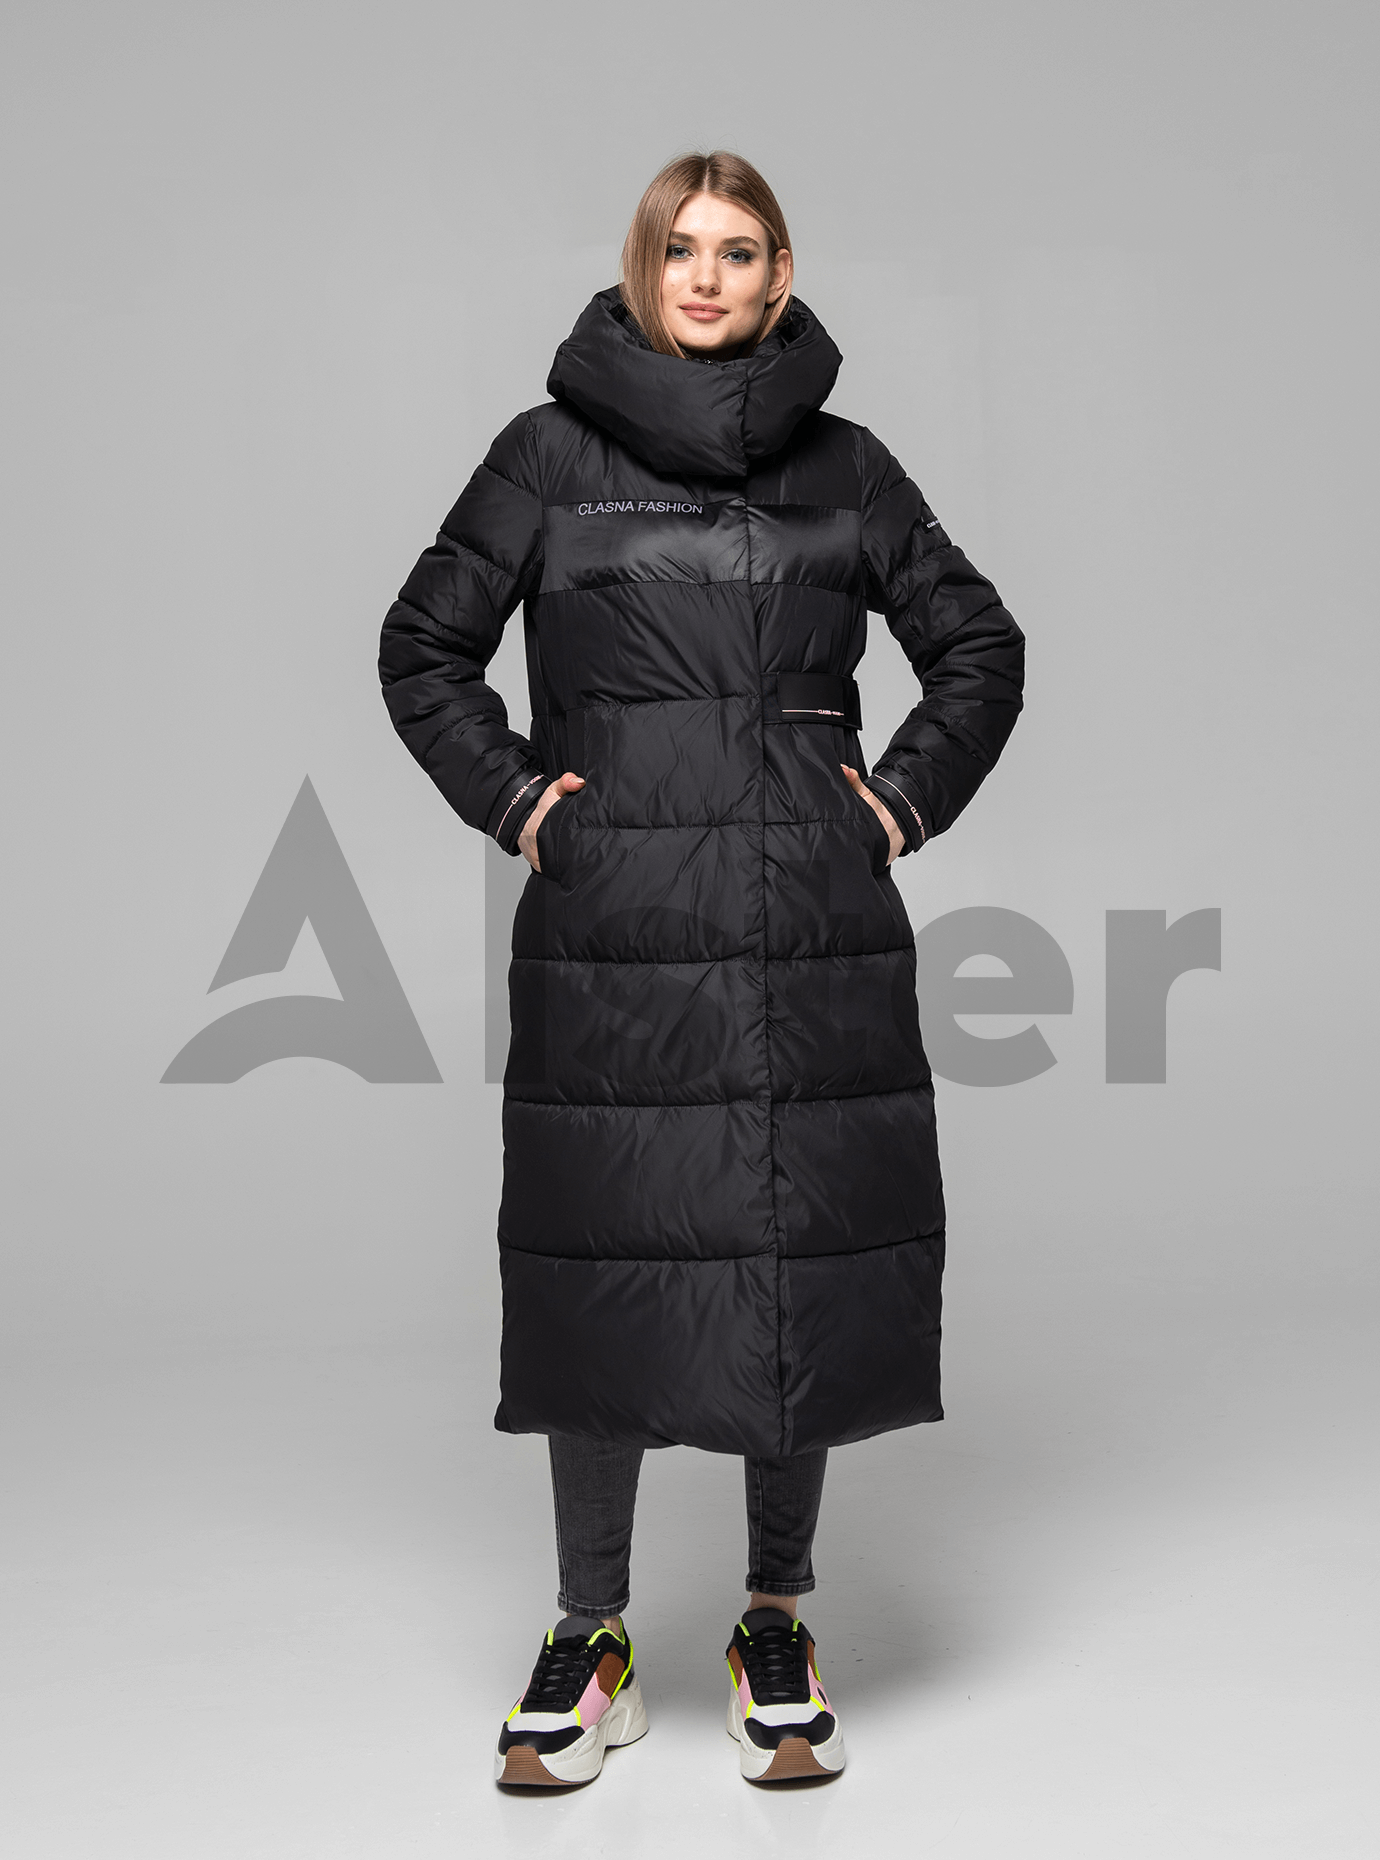 Пуховик женский длинный с капюшоном Чёрный M (01-8987): фото - Alster.ua